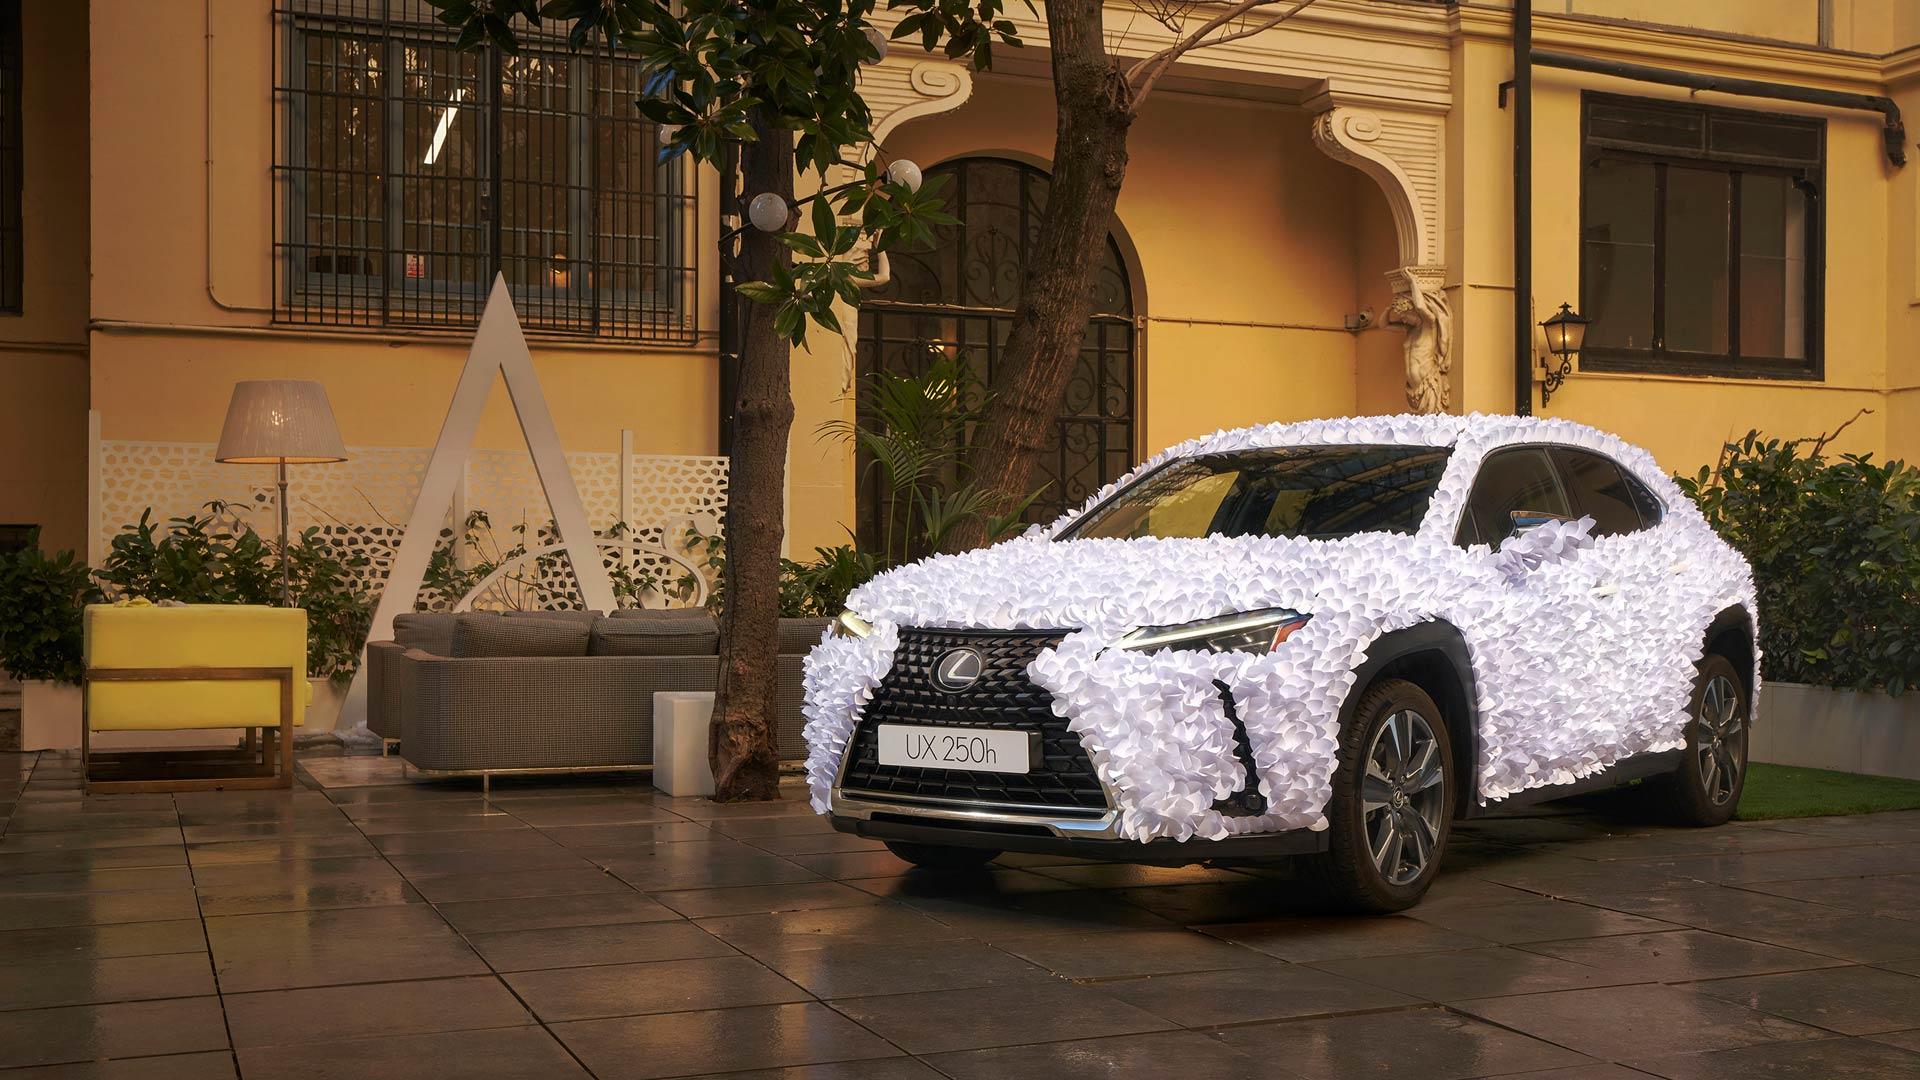 cabecera 2021 01 18 Lexus UX Papel 1 Final R 2